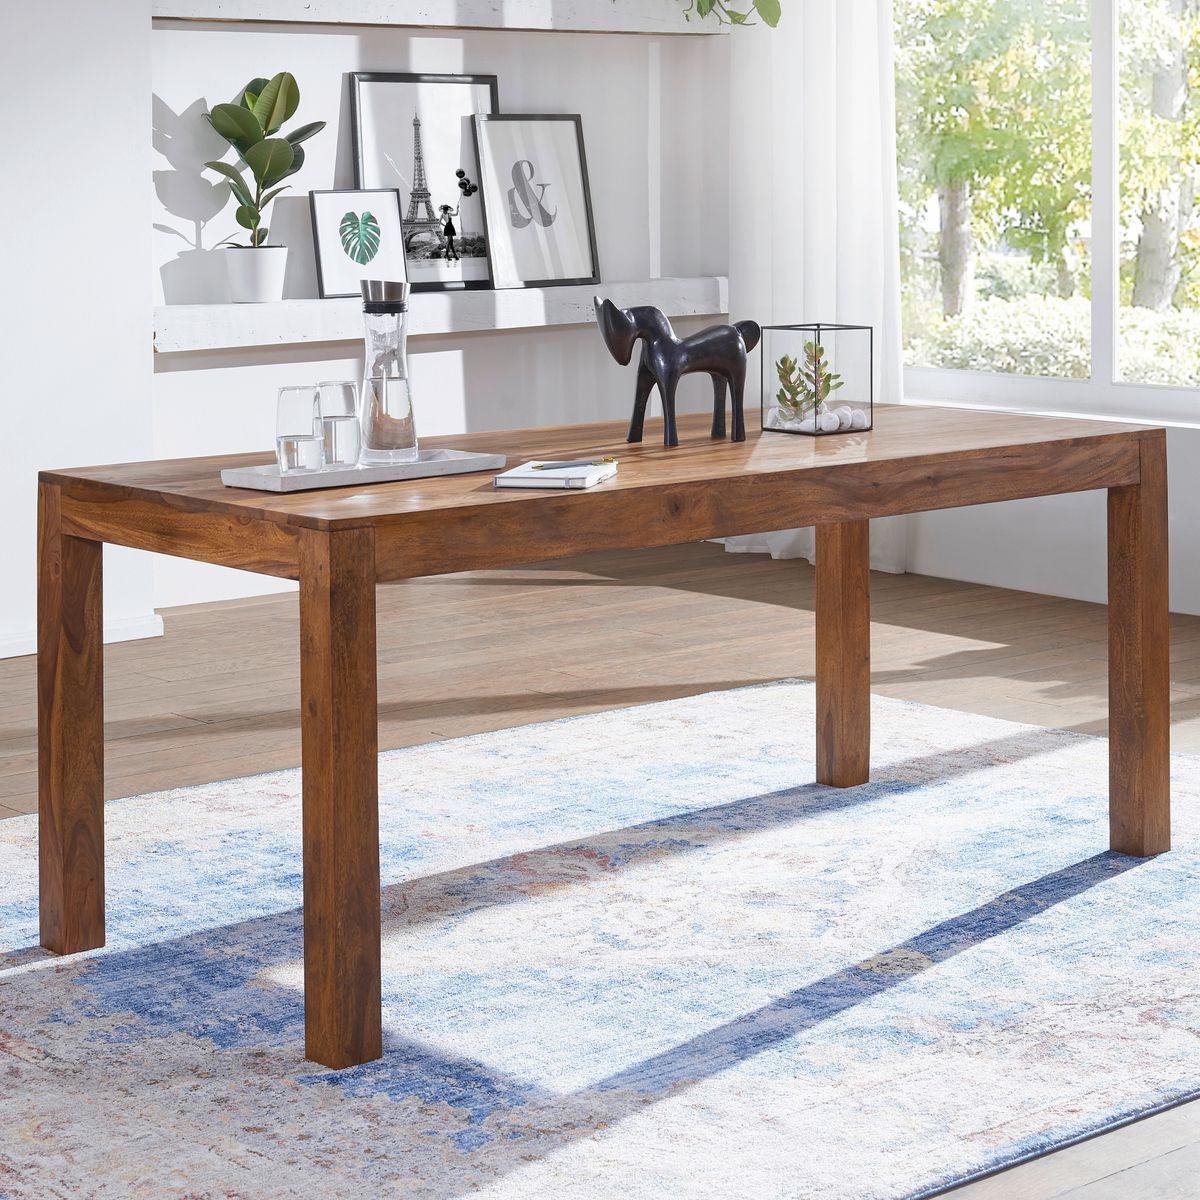 wohnling esstisch mumbai massivholz sheesham 120 cm esszimmer tisch holztisch design k chentisch. Black Bedroom Furniture Sets. Home Design Ideas